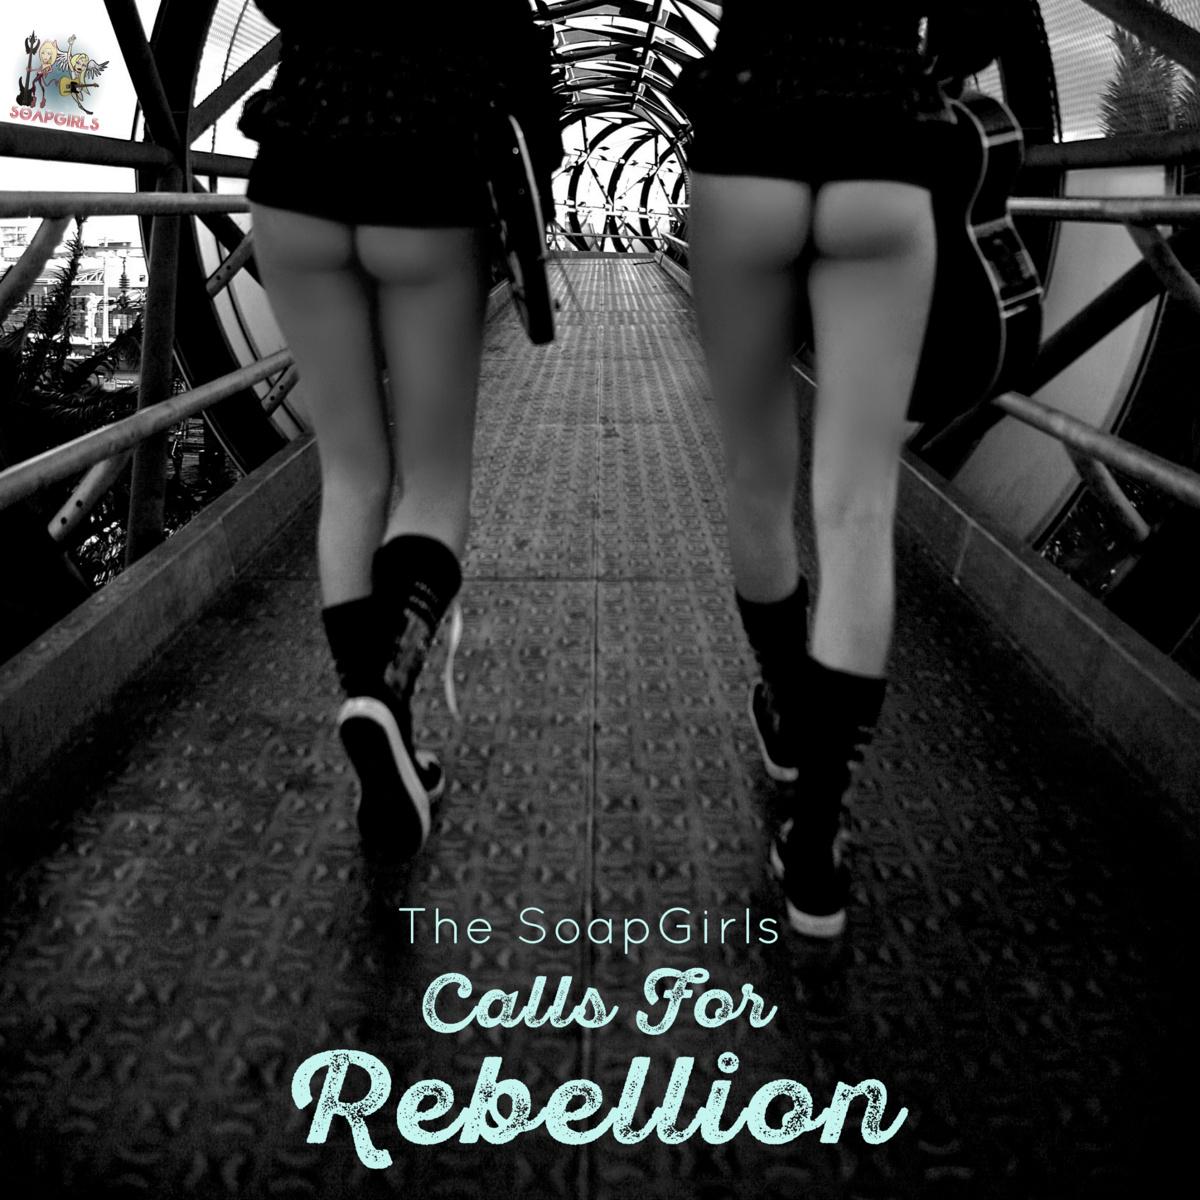 The SoapGirls - Calls For Rebellion